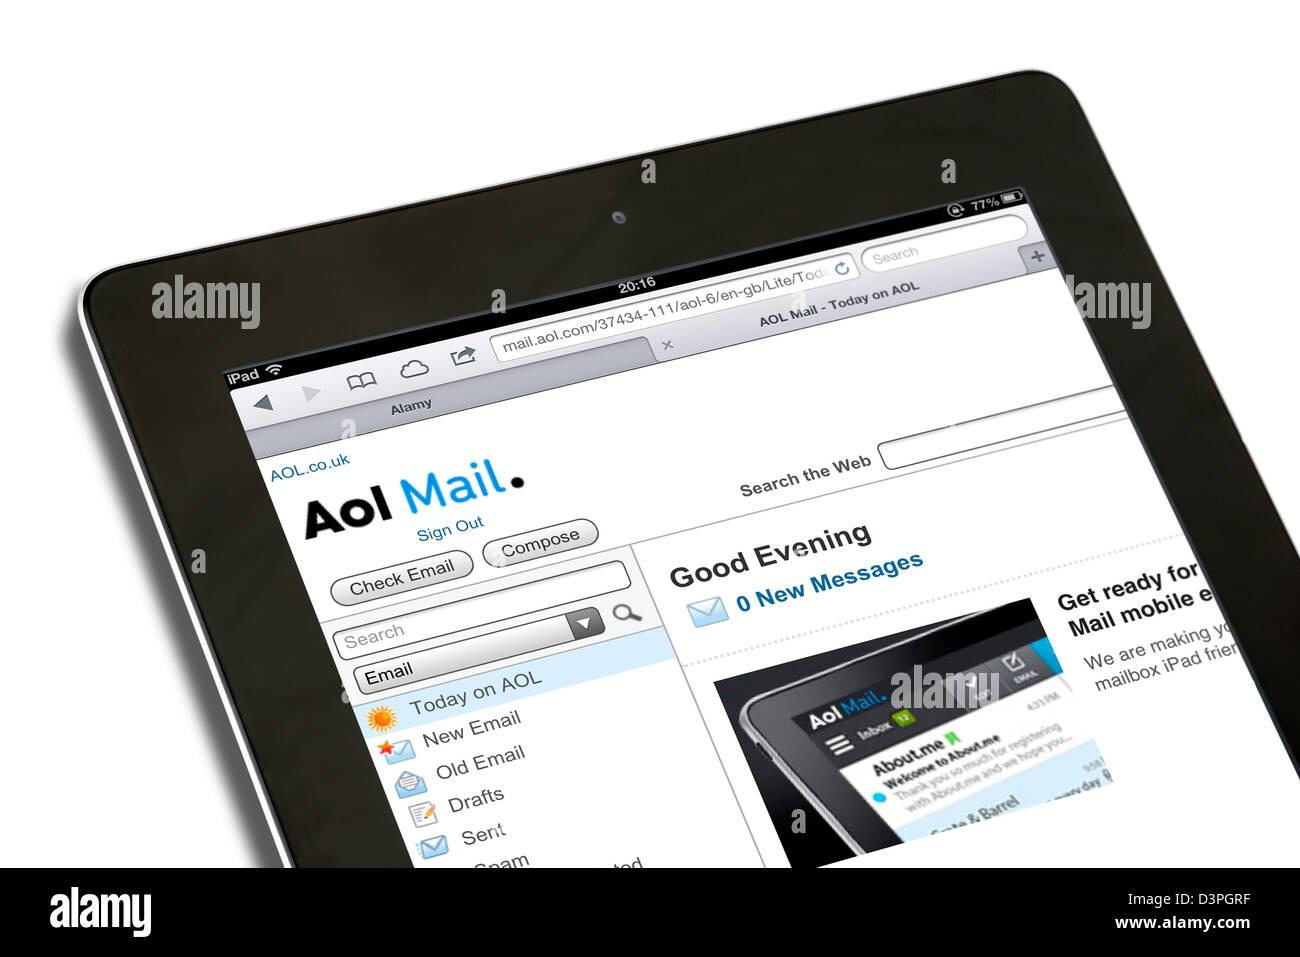 Account di posta elettronica AOL visualizzati su una quarta generazione di iPad, REGNO UNITO Immagini Stock